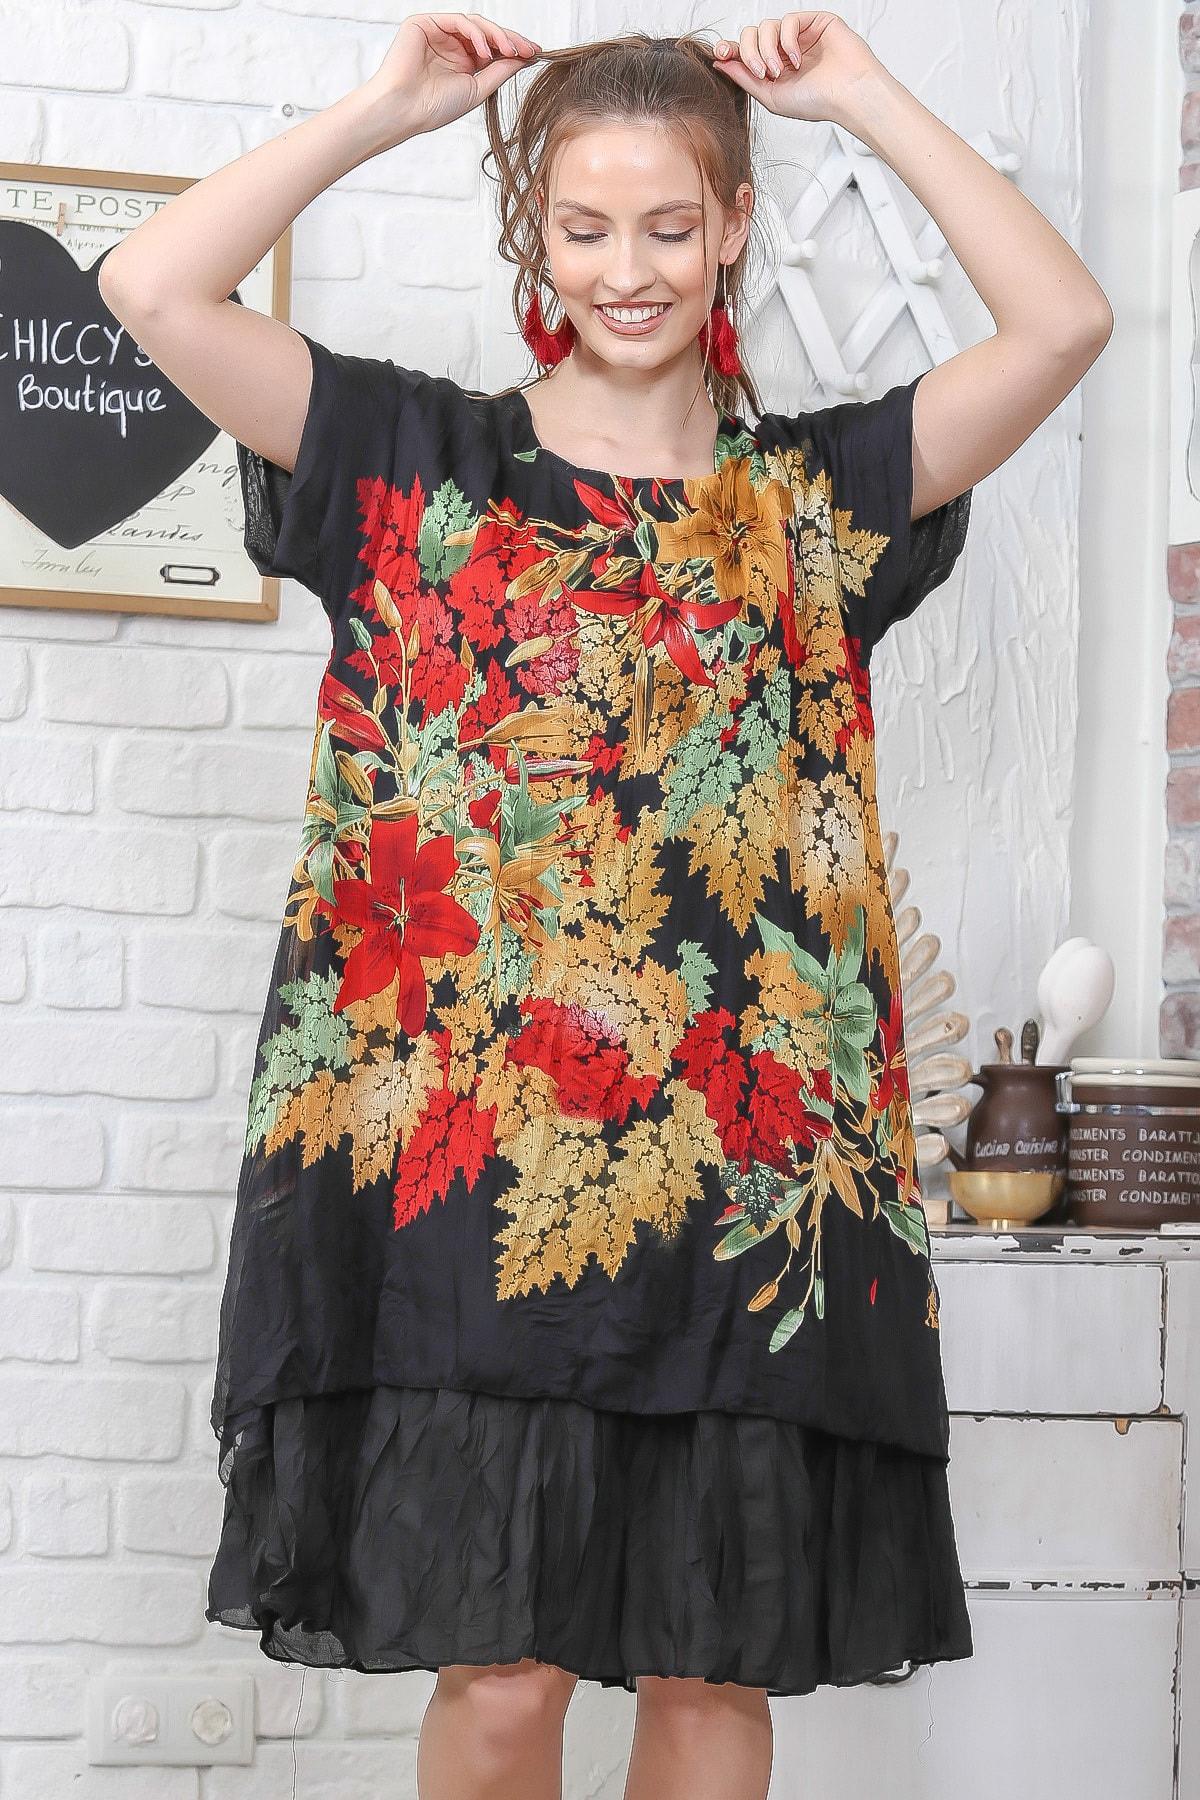 Chiccy Kadın Siyah Düşük Kol Yaprak Desenli İki Katlı Salaş Tülbent Elbise M10160000EL95086